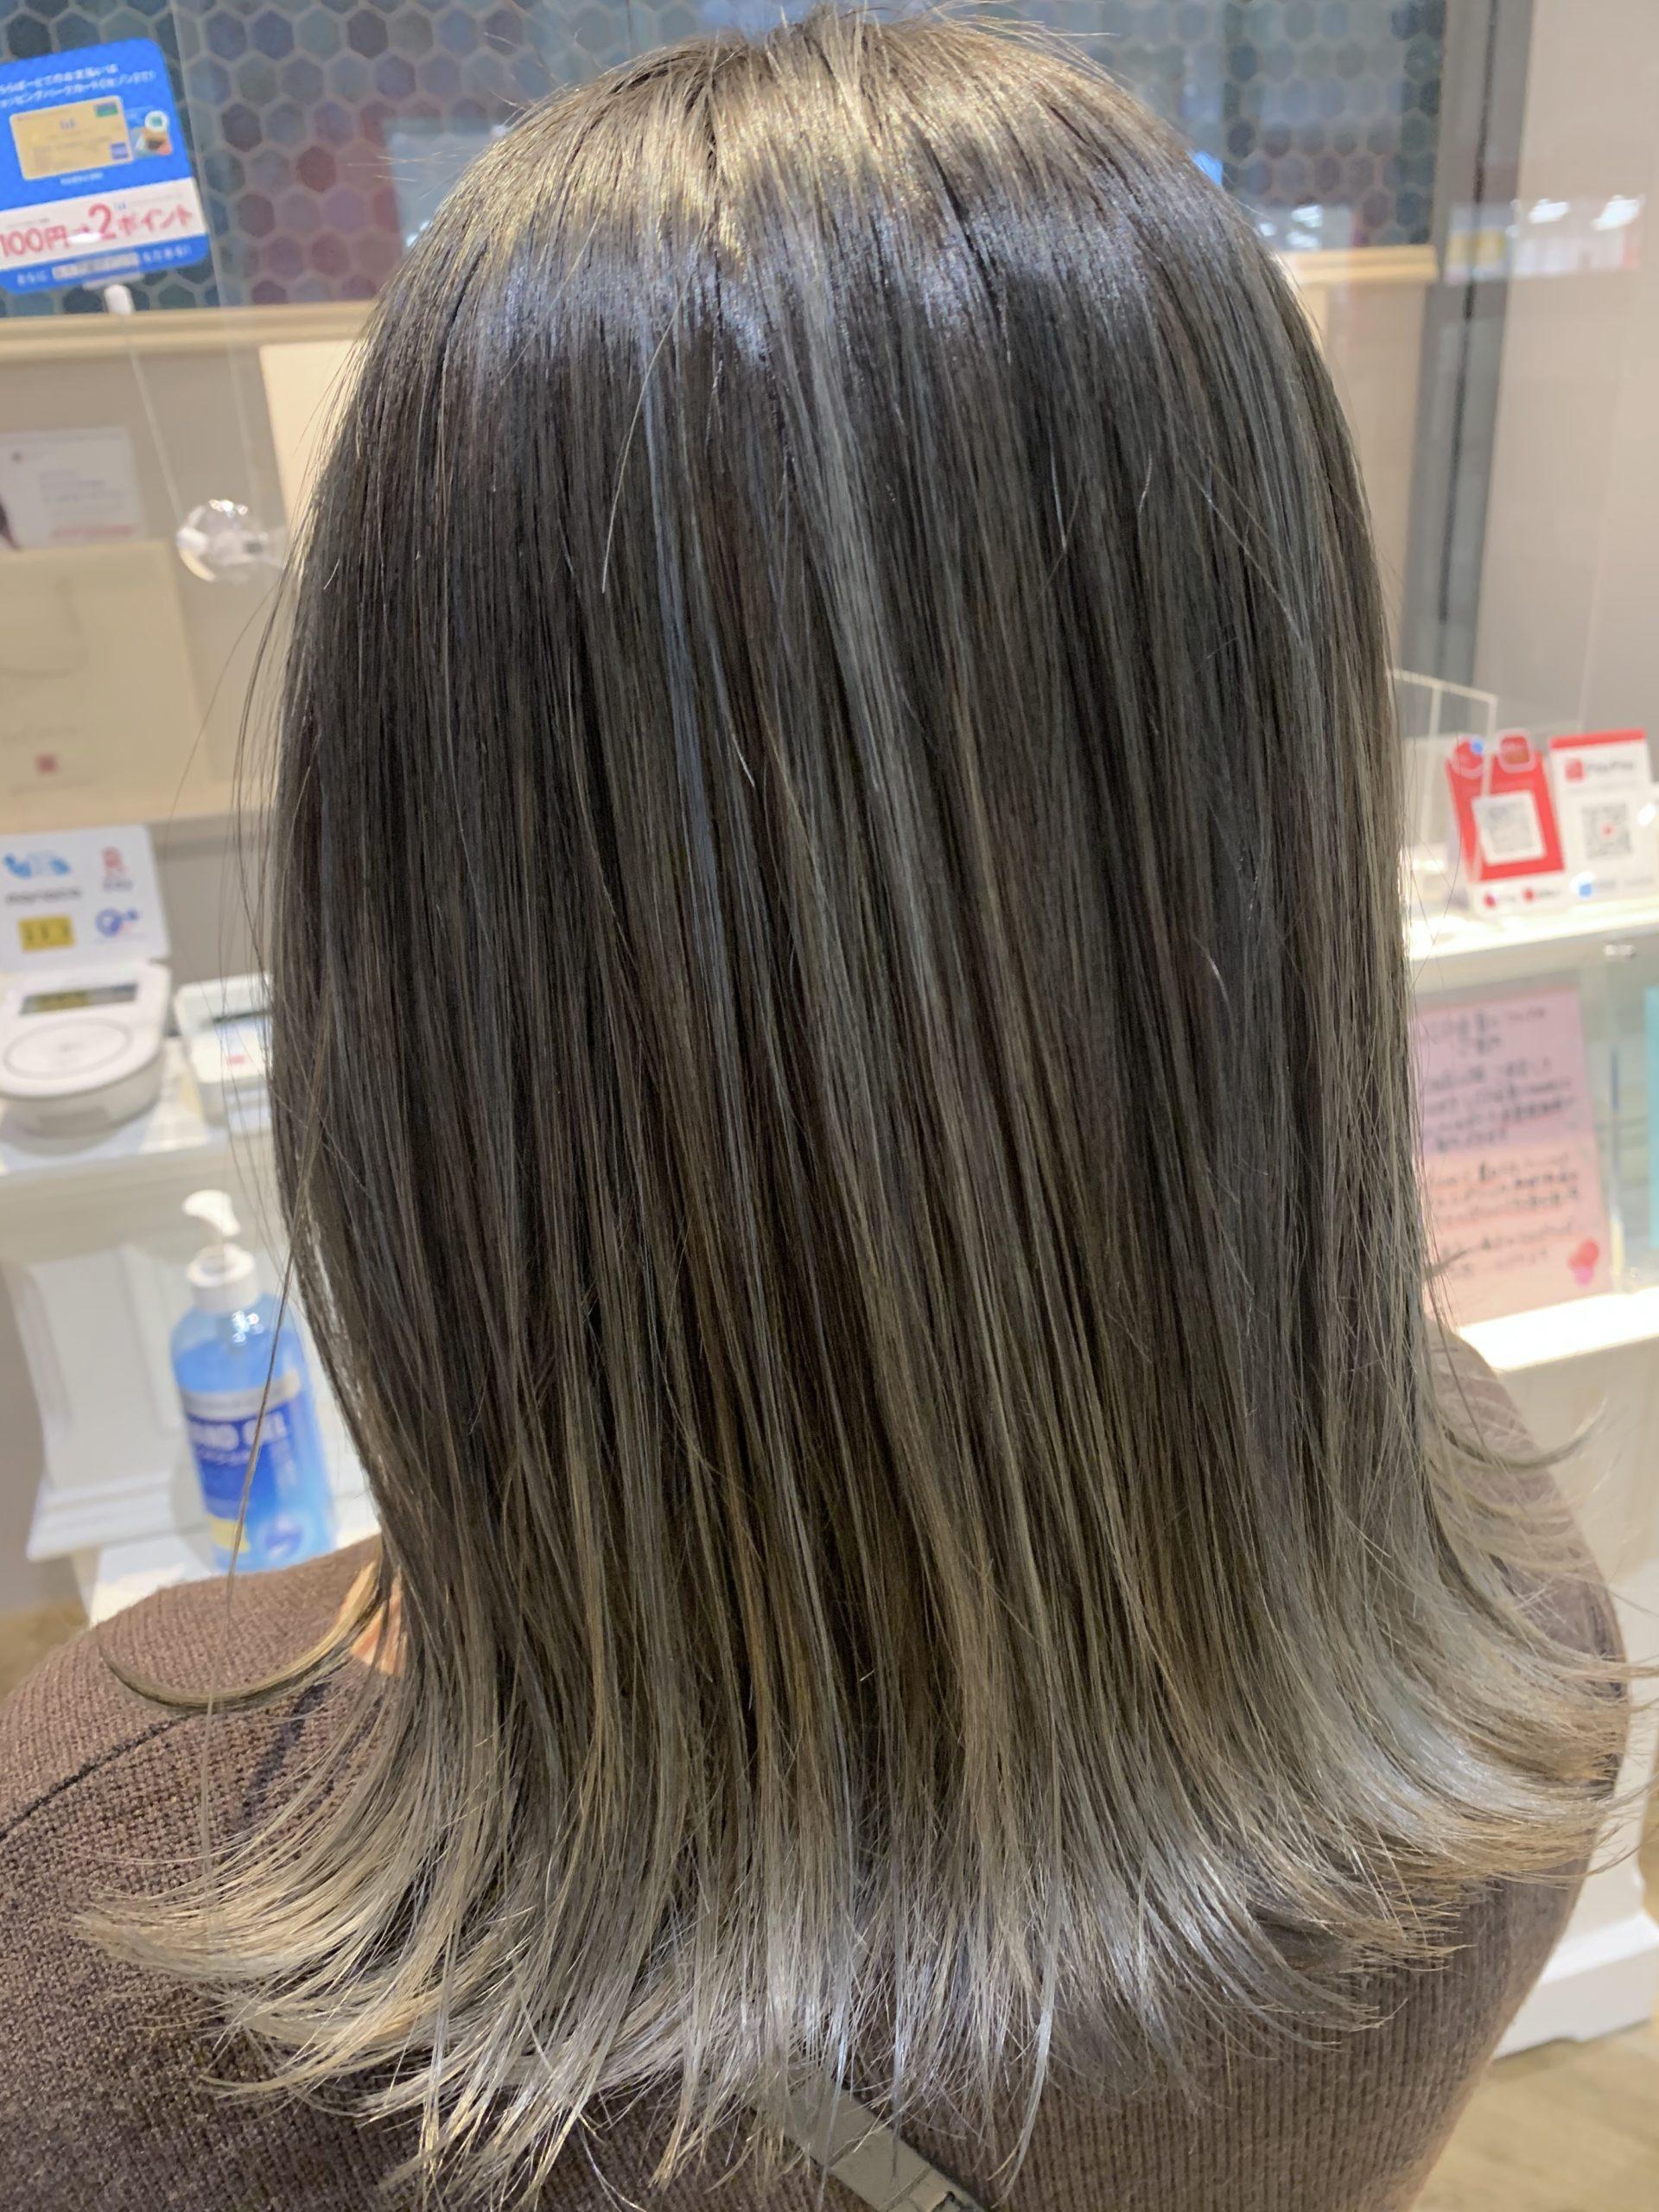 カラー グラデーション グラデーションカラーはストレートでも変じゃない!人気カラーから黒髪ベースまで一挙に紹介|MINE(マイン)